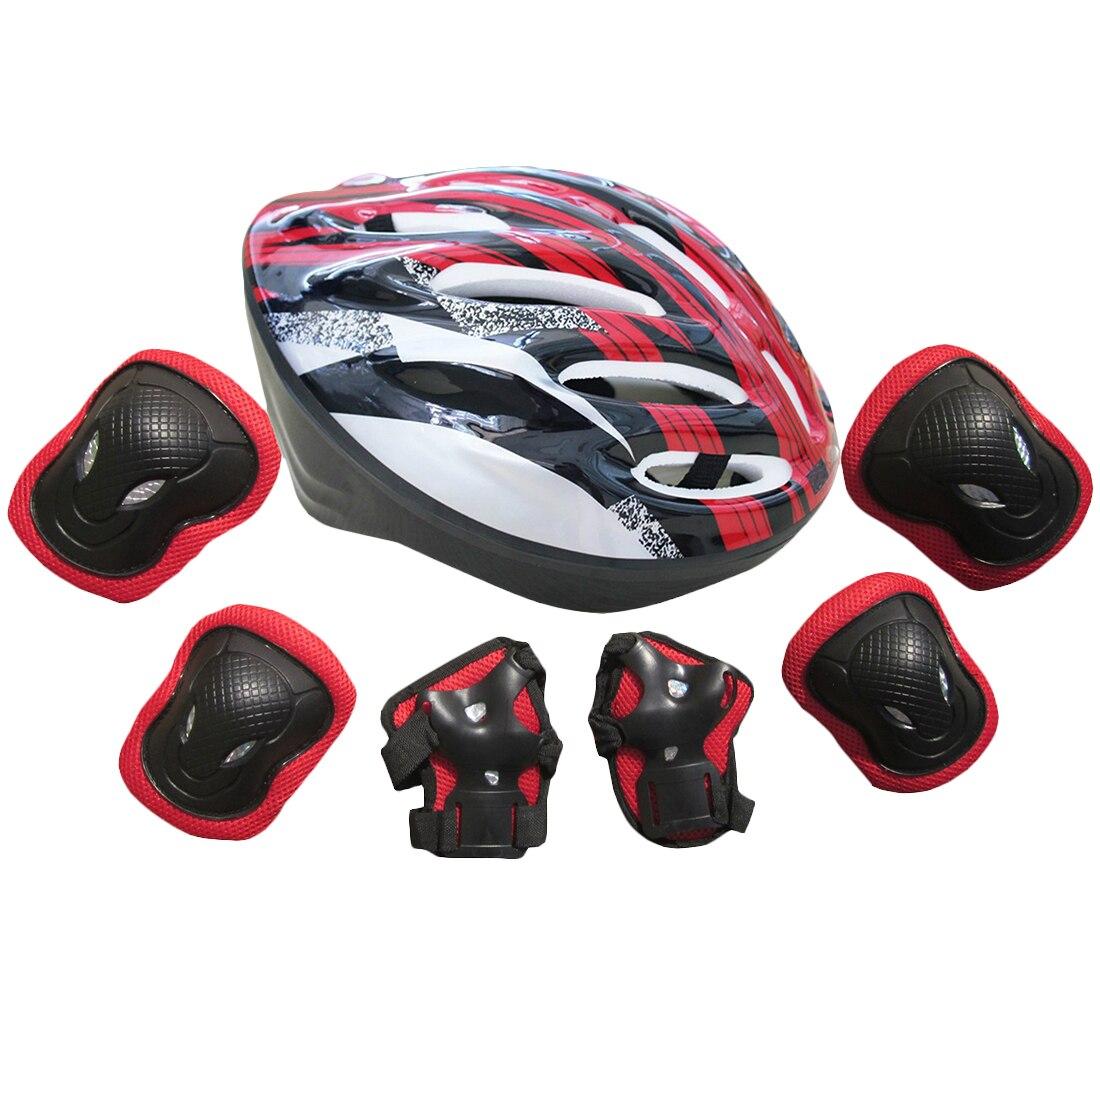 Roller skates helmet - 7pcs Adult Roller Skates Skateboard Skating Set Elbow Protector Knee Pads Cycling Helmet Sport Safety